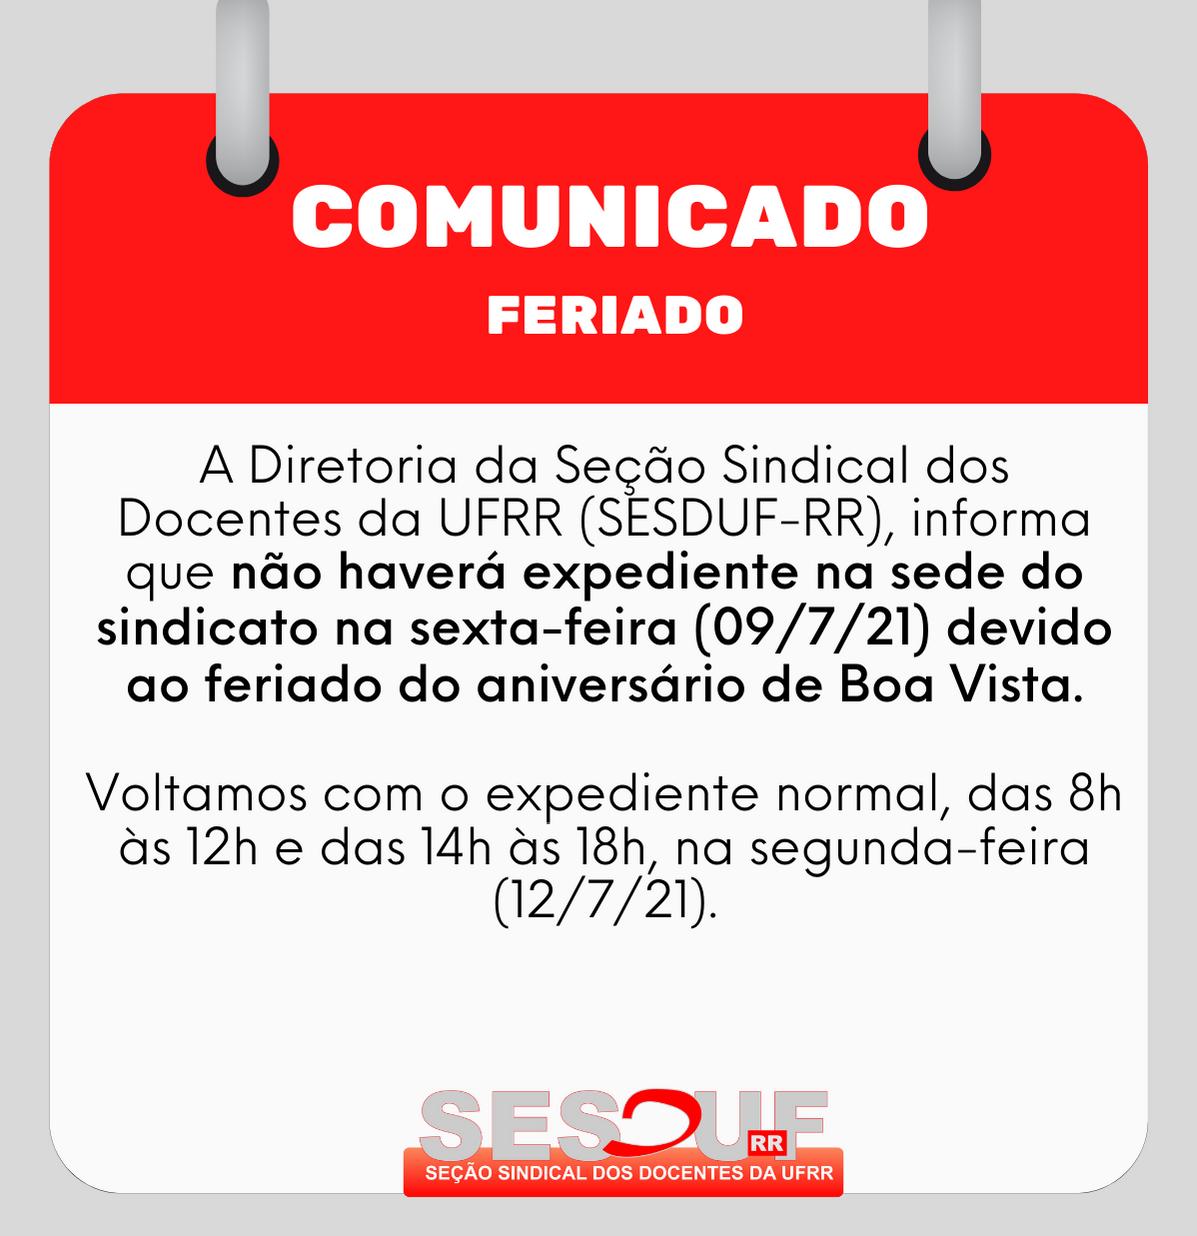 COMUNICADO: Feriado de aniversário de Boa Vista